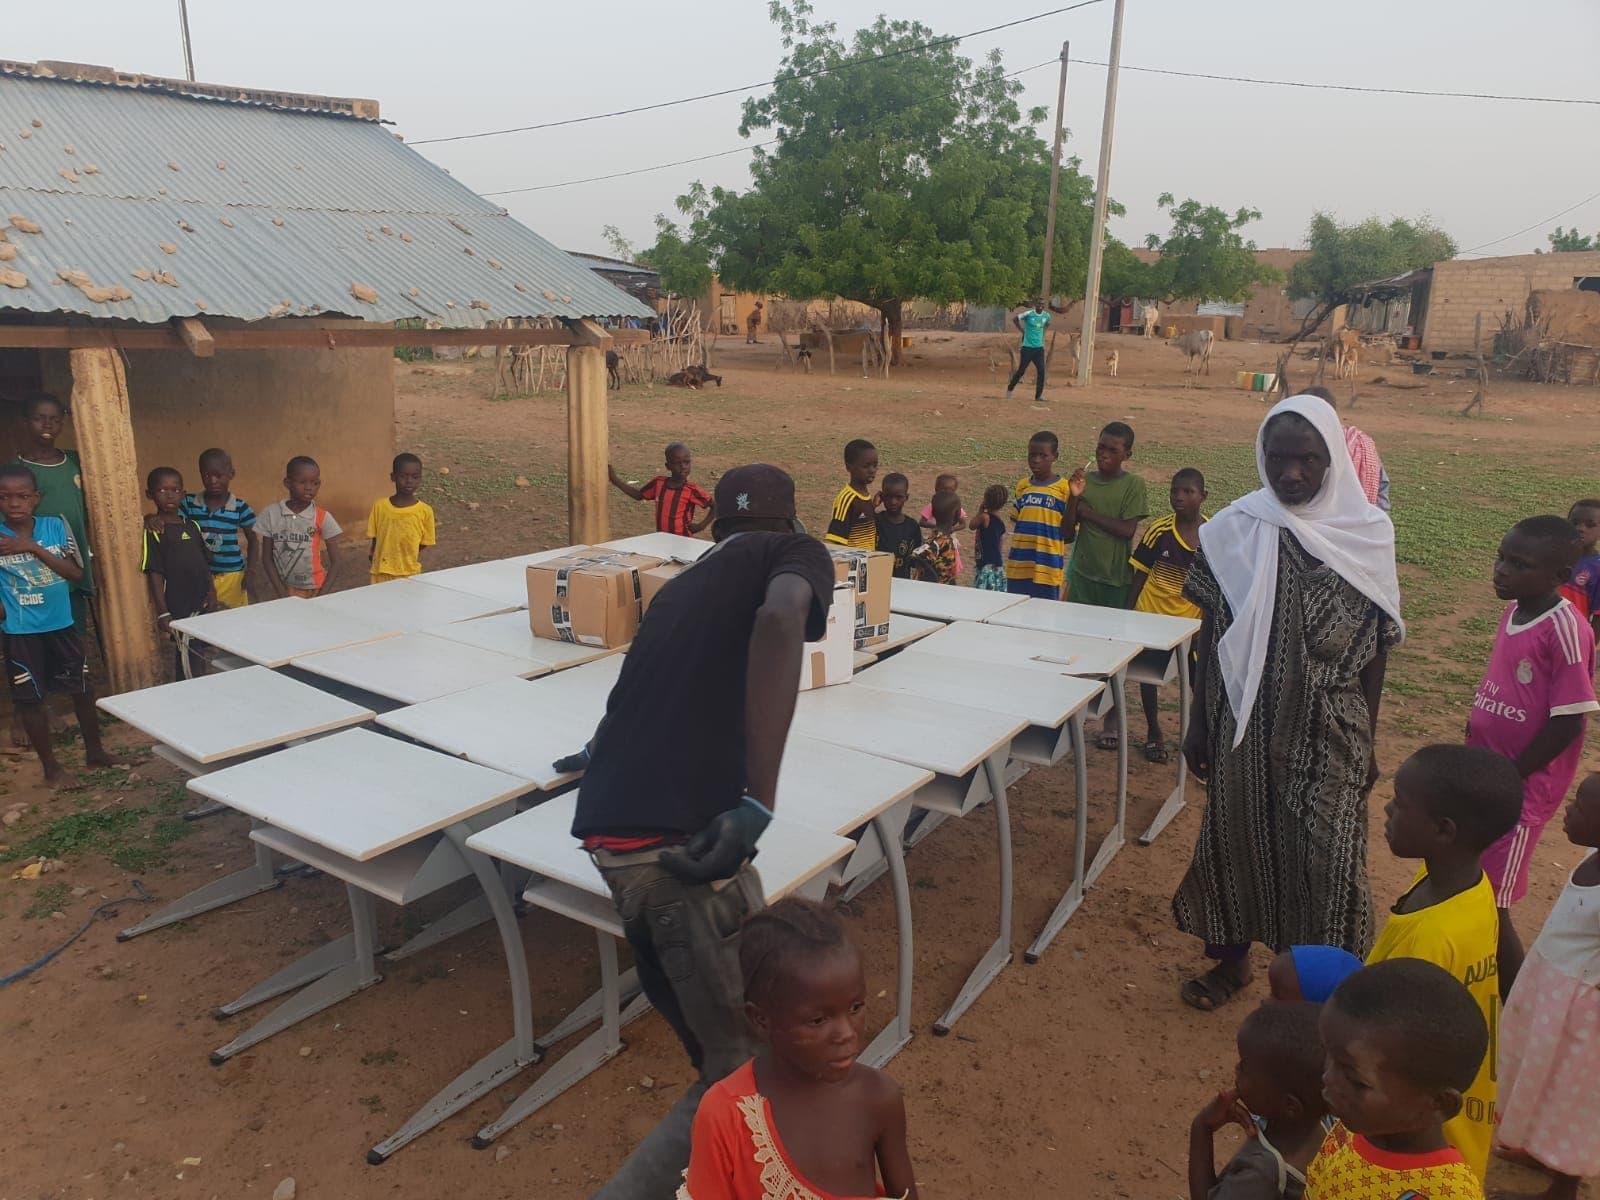 Groupe MDI Technologies mécène au Fouta, Don de Materiel Santé et Scolaire à Matam, Ogo, Thiancone, Fouta, Sénégal (1)